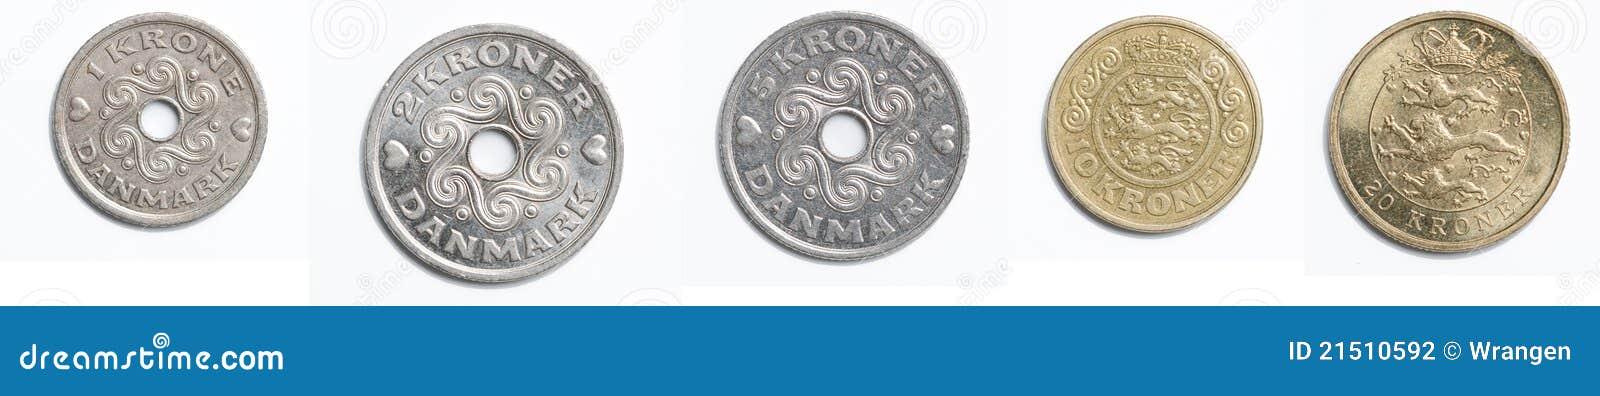 Dänische Münzen Stockfoto Bild Von Dänisch Münze Land 21510592